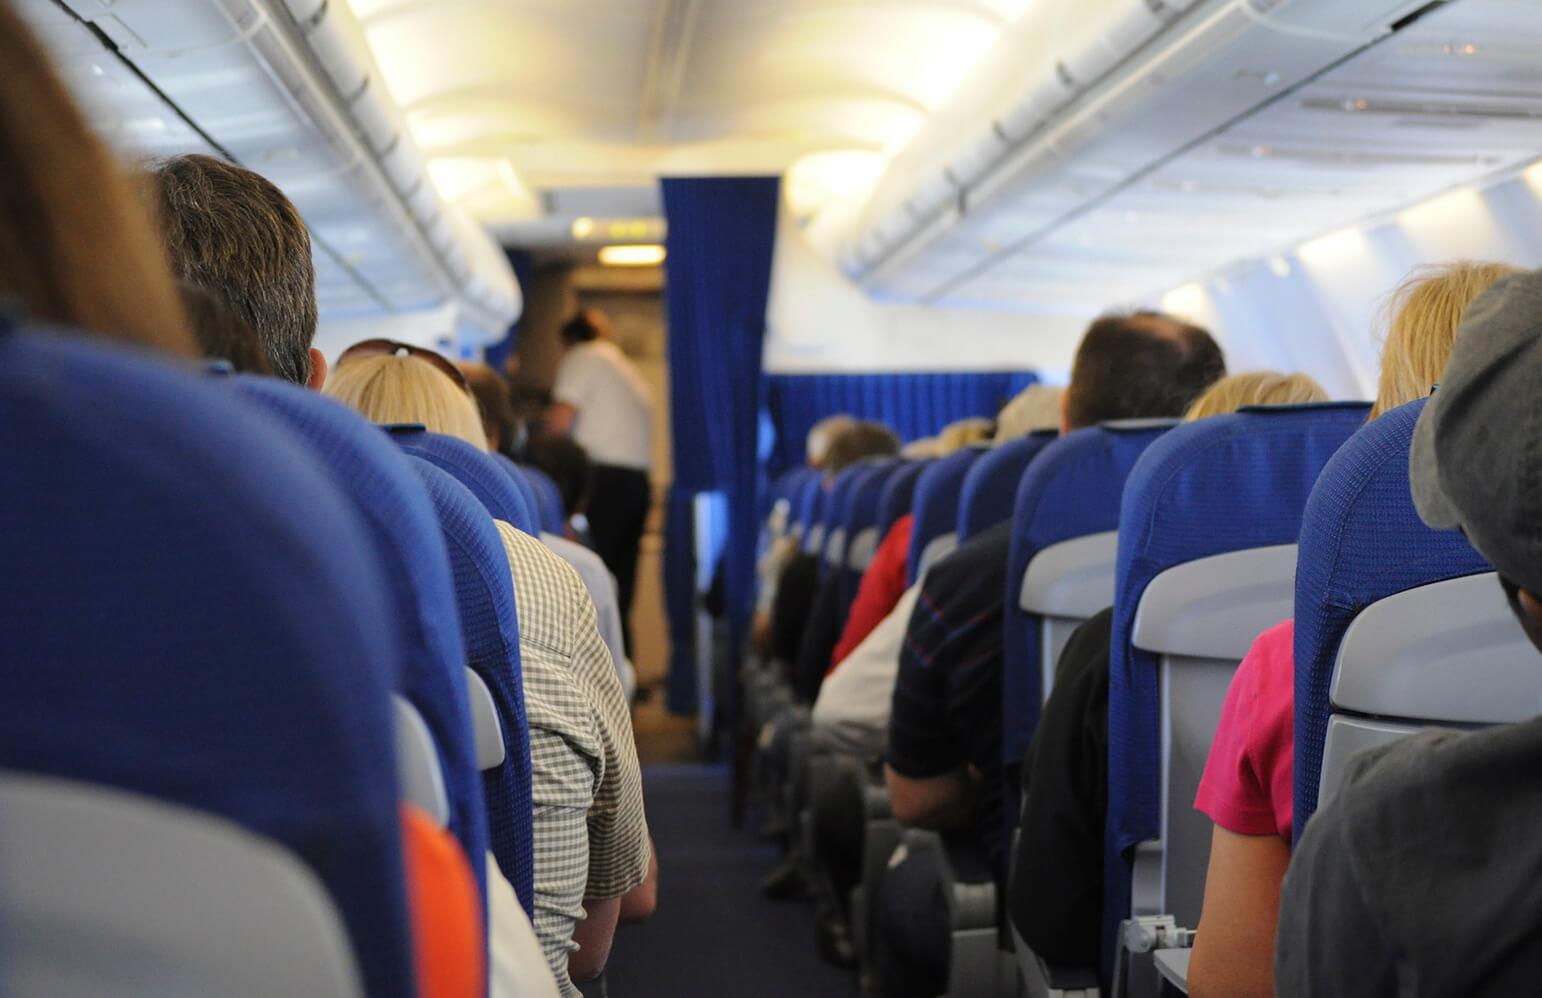 Comment bien choisir sa place dans un avion ?